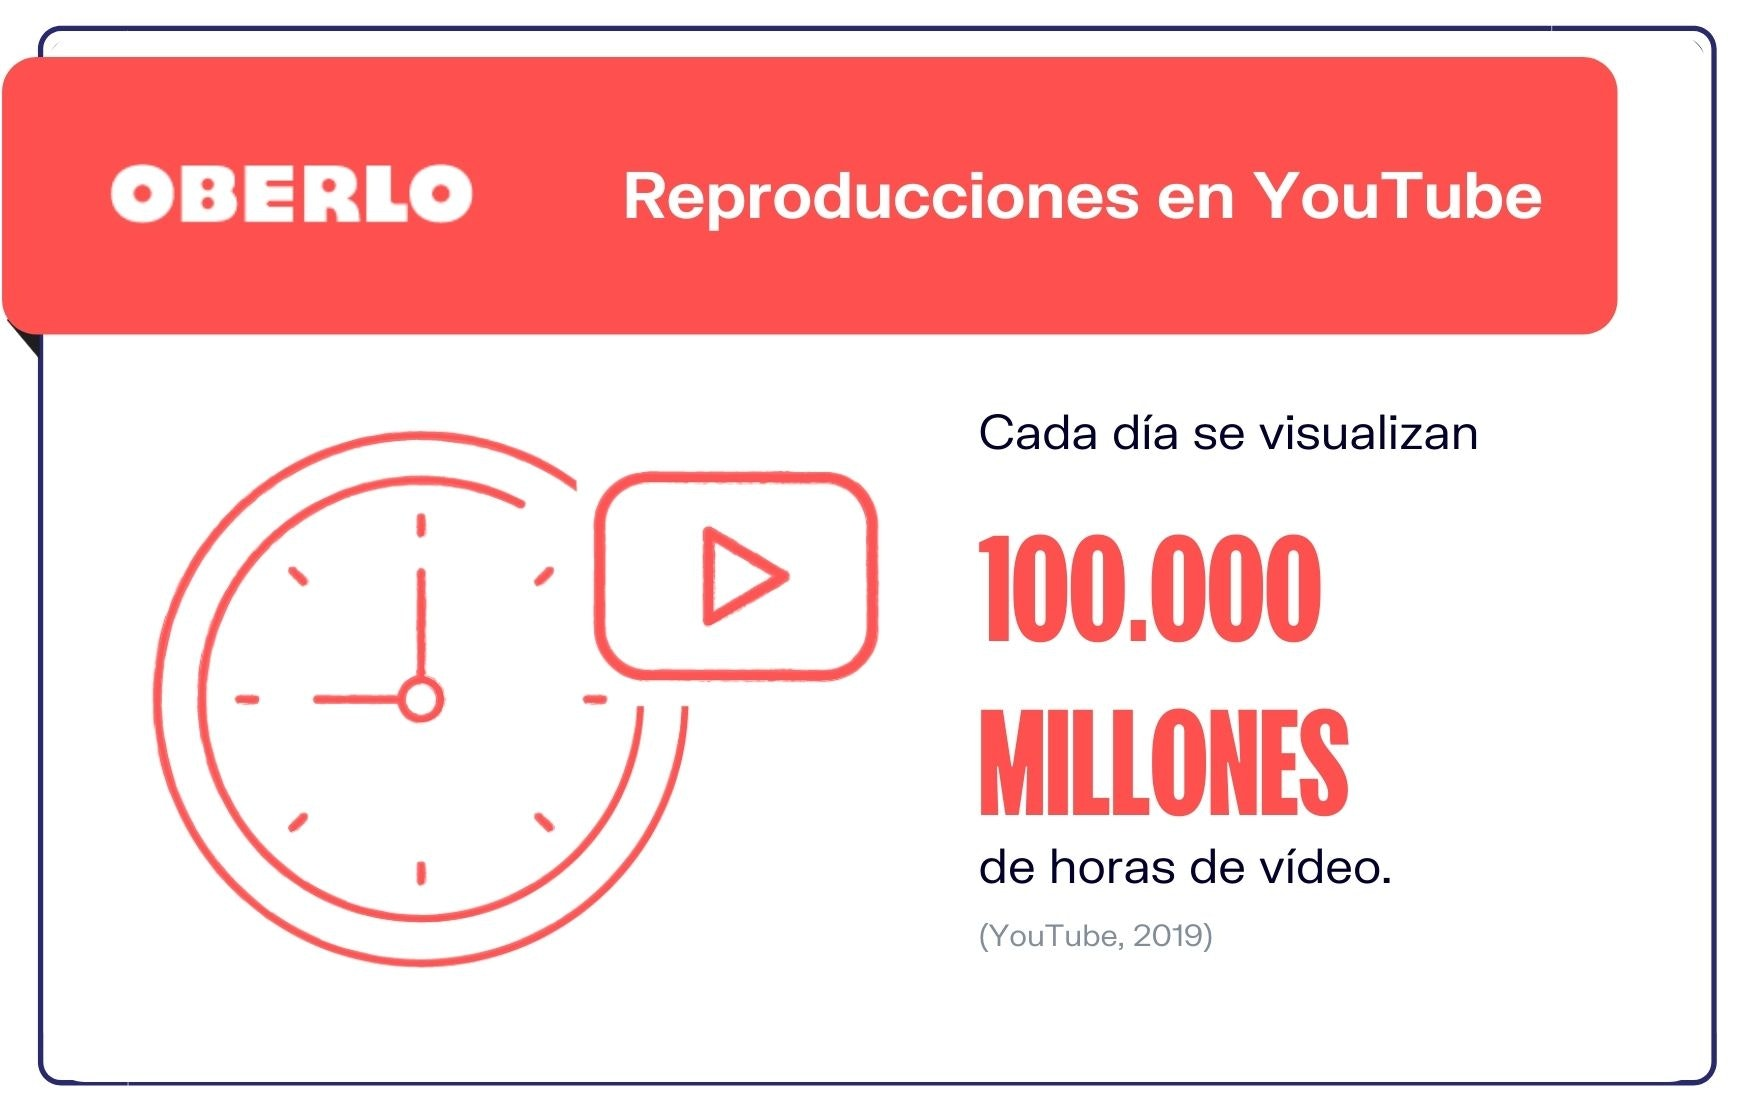 Datos-de-YouTube-A-la-gente-le-encanta-ver-videos-de-youtube